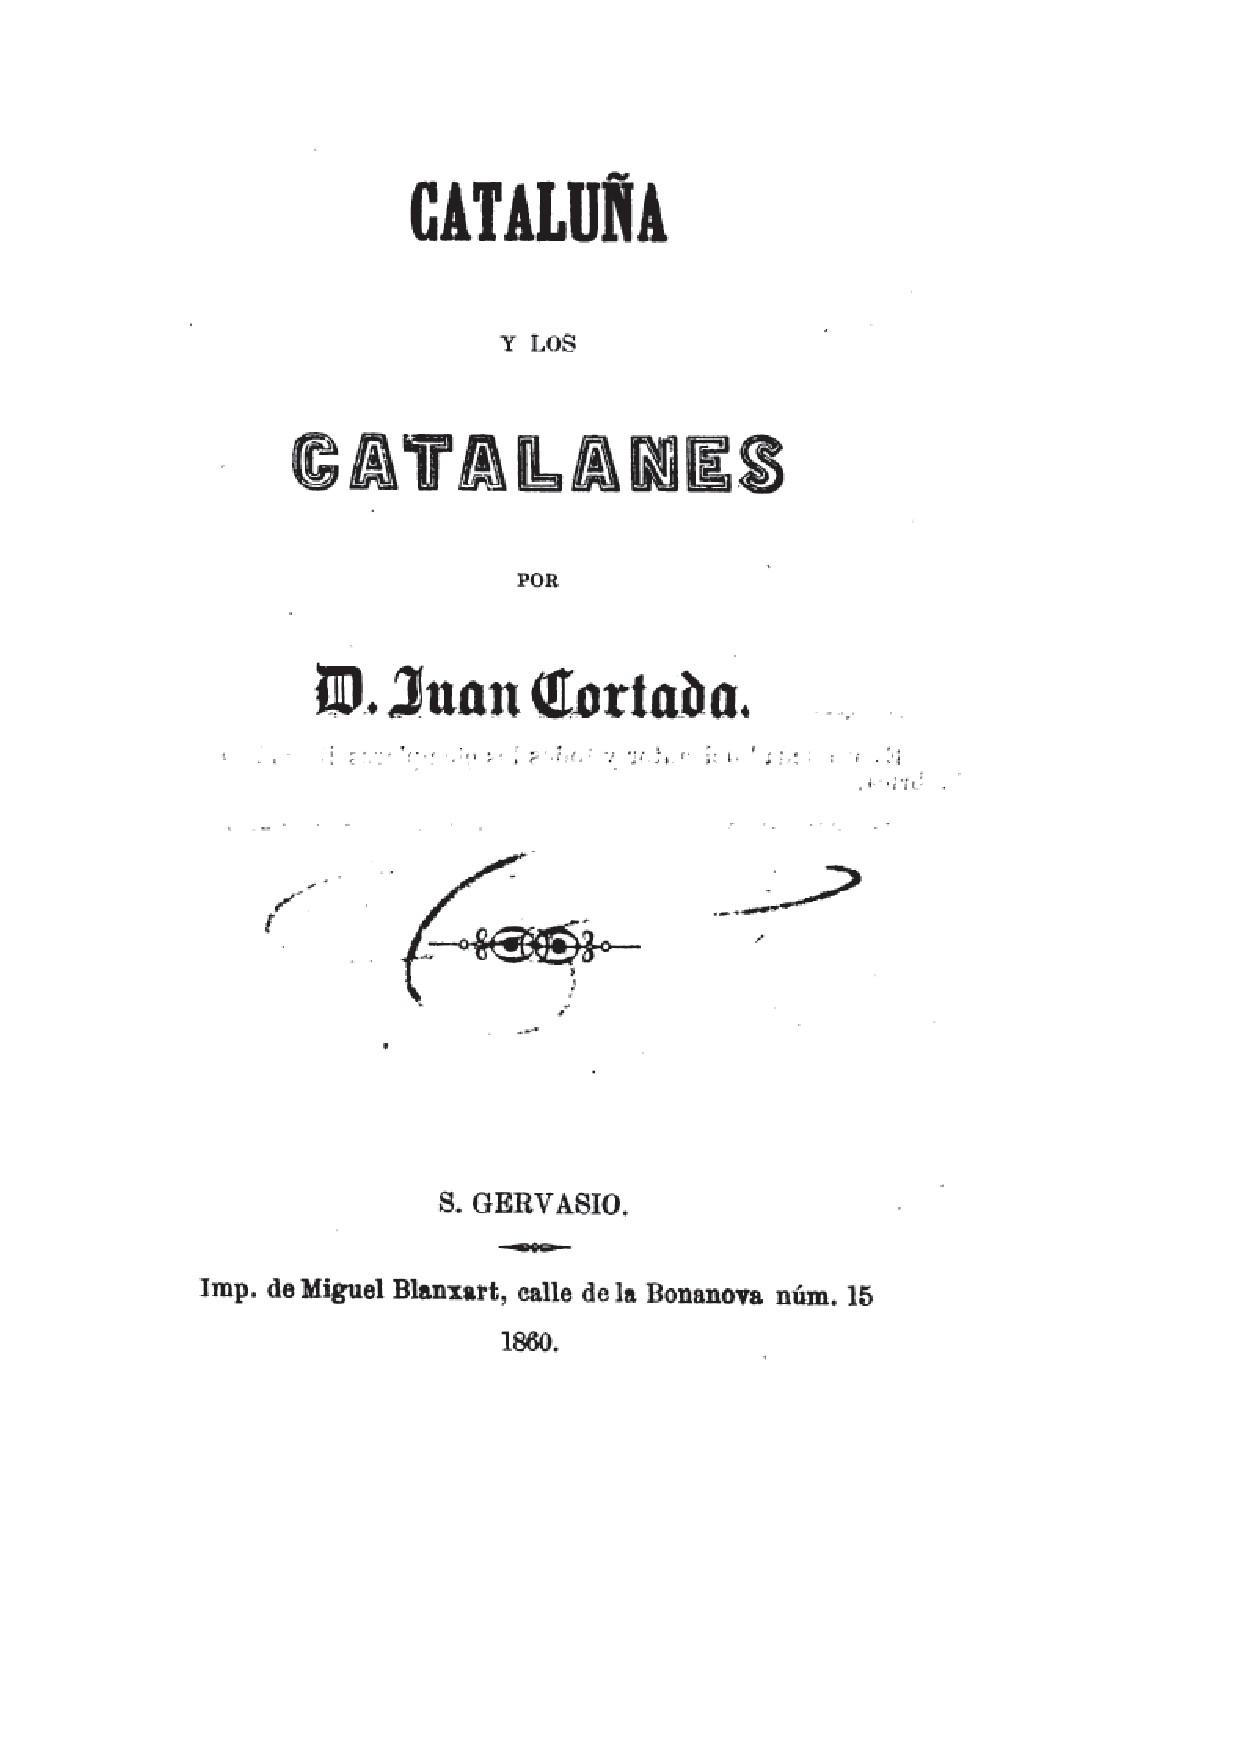 CATALUÑA Y LOS CATALANES POR D.JUAN CORTADA. AÑO 1860-TARRAGONA